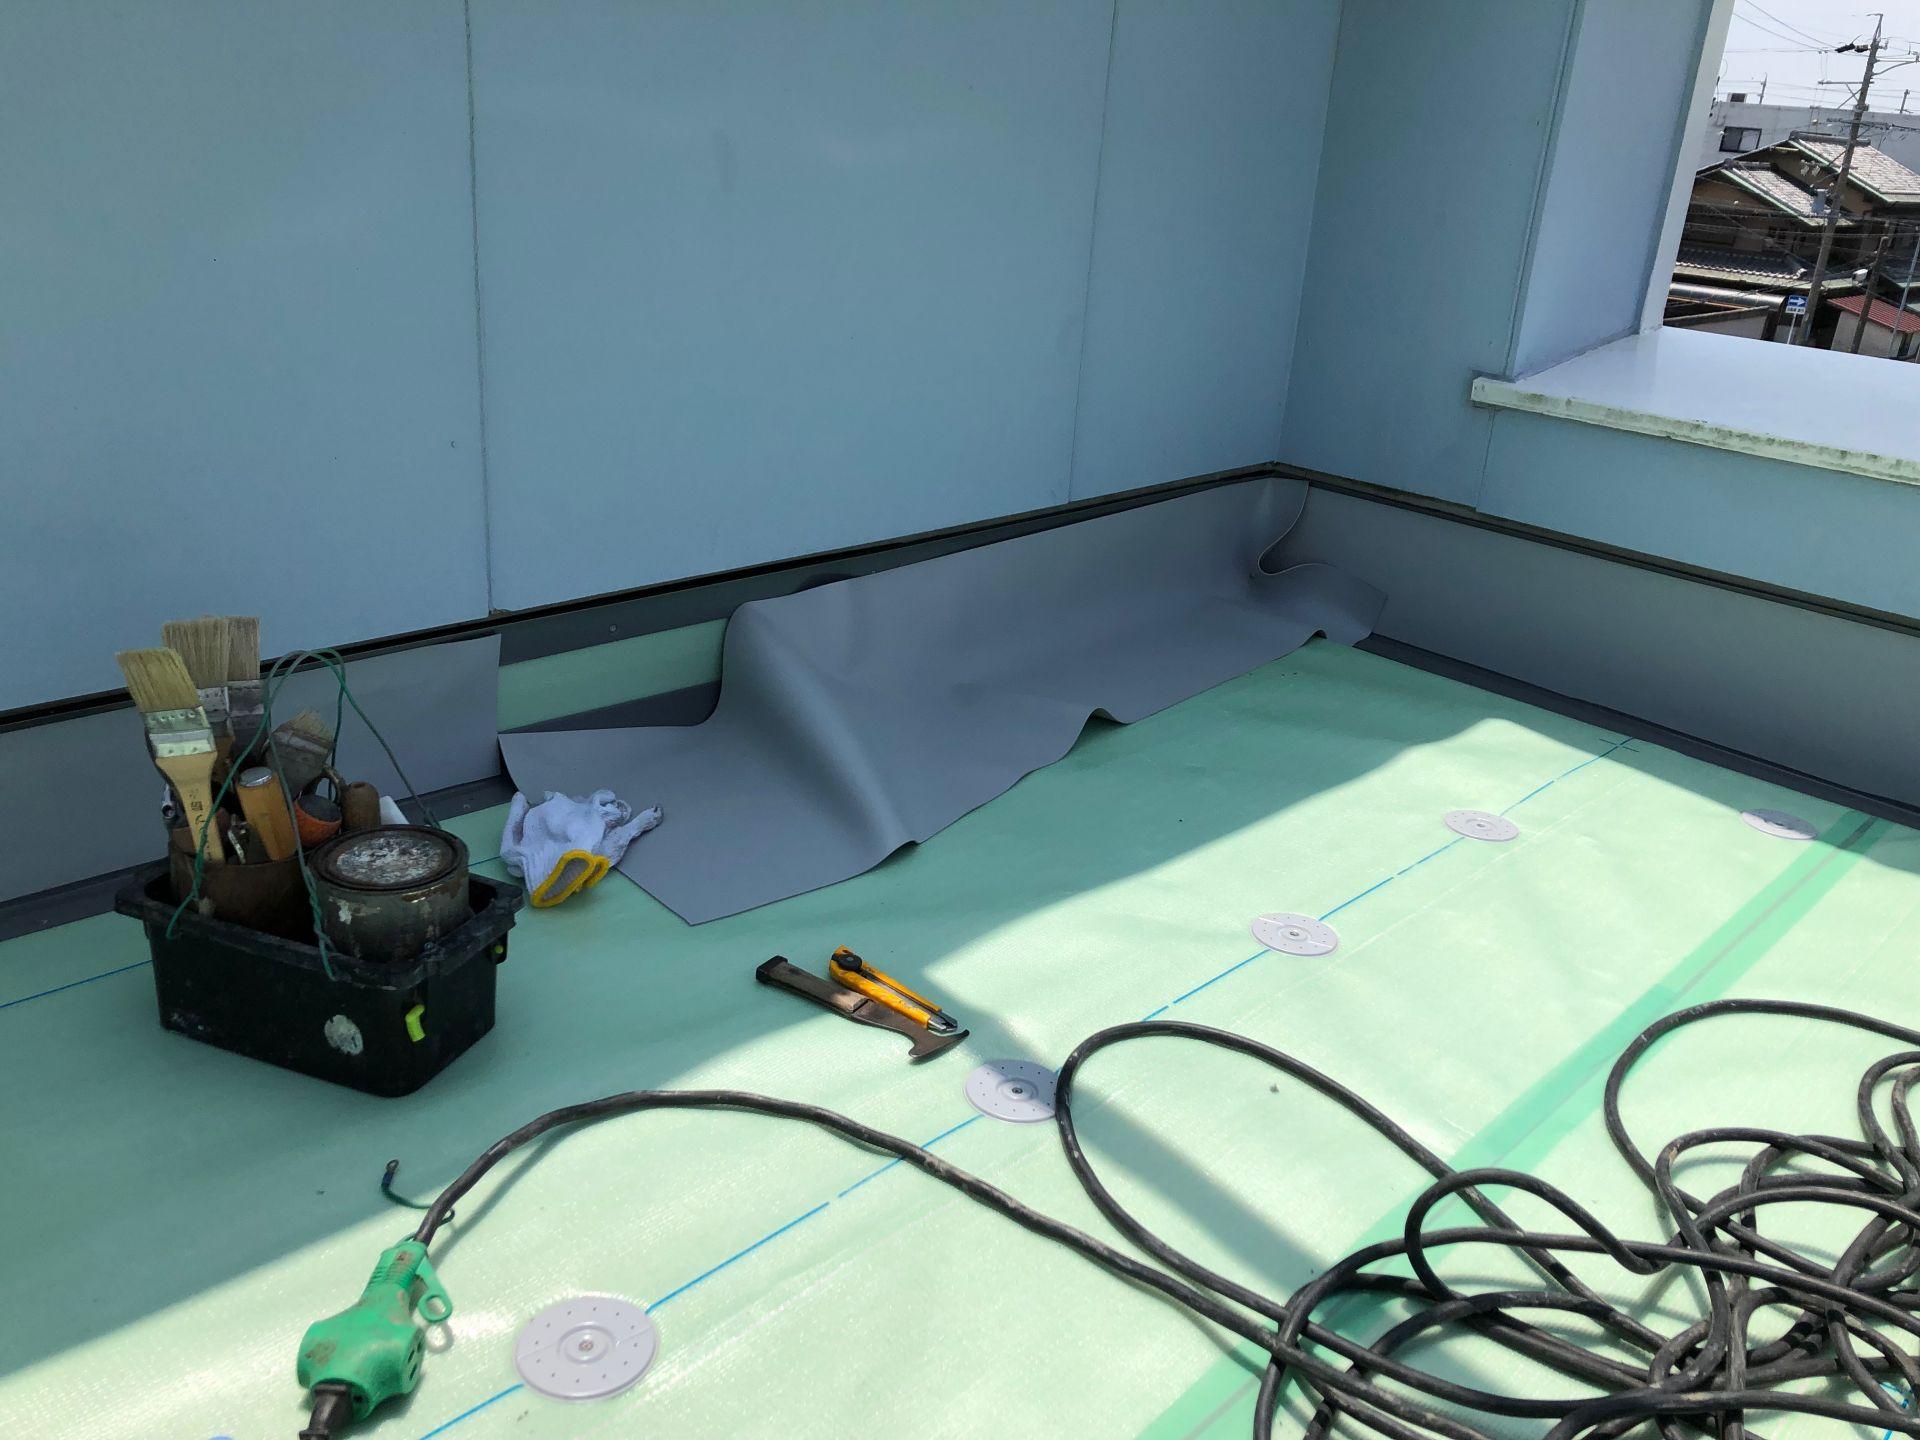 天井からの漏水【ルーフ防水再施工】リノベブログ